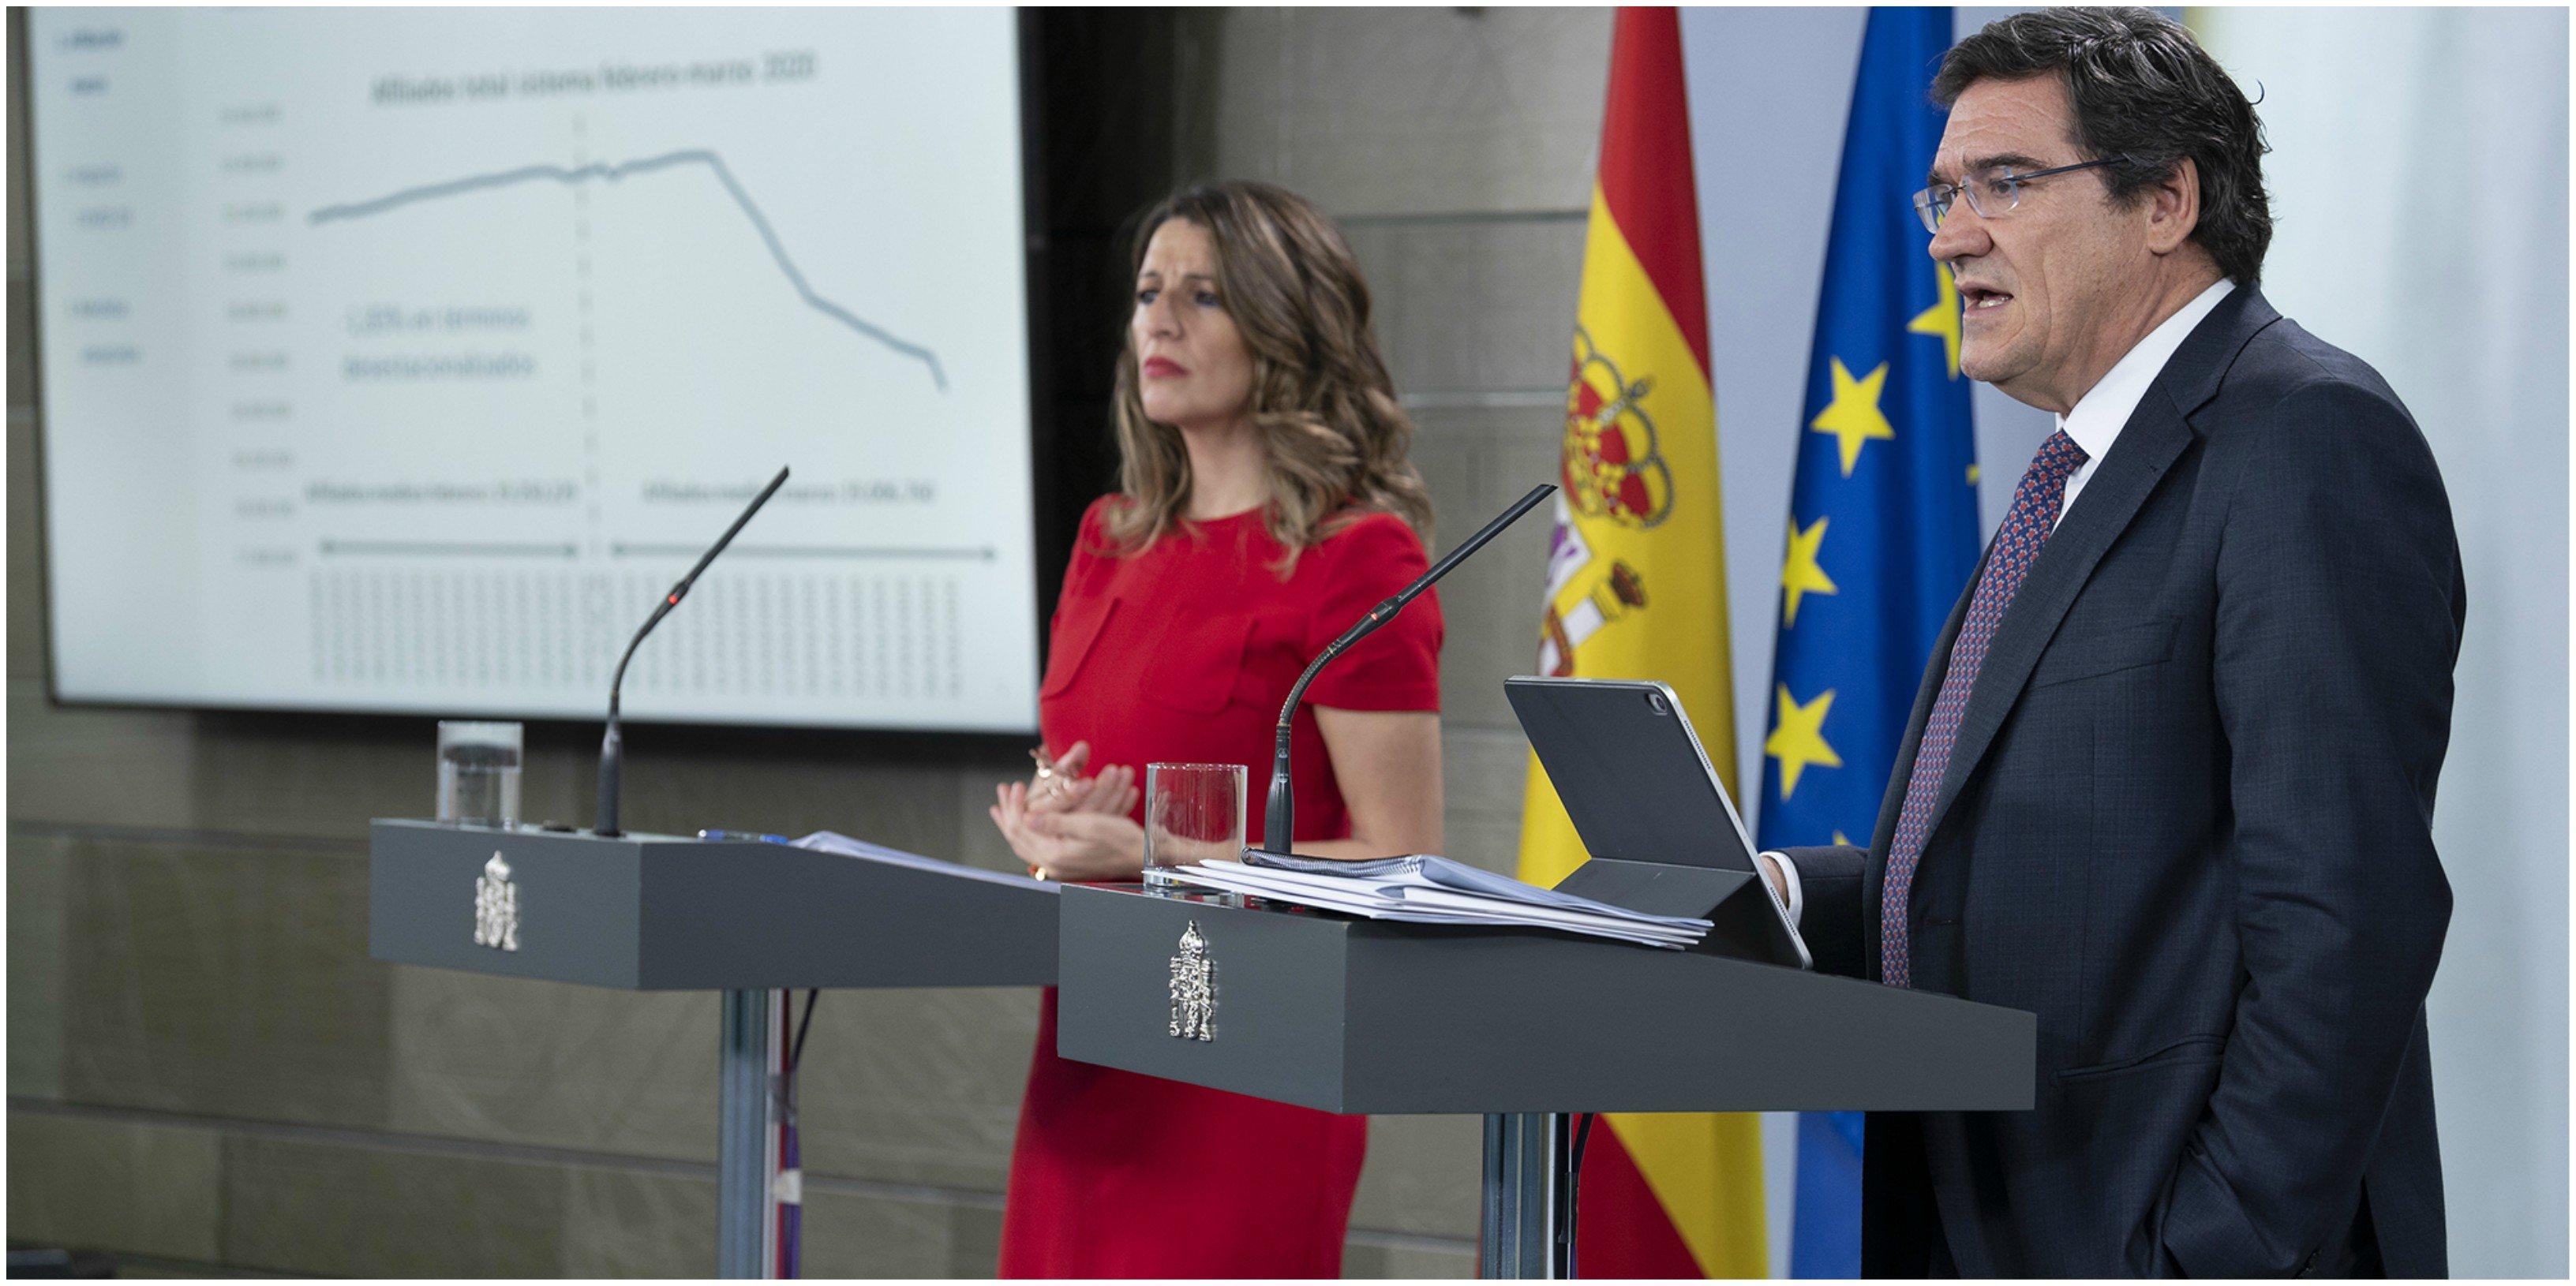 """El Gobierno Sánchez y Cantinflas Díaz. La ministra de Trabajo, Yolanda Díaz supera a Alberto Garzón en oratoria: los ERTES """"no son parados"""""""